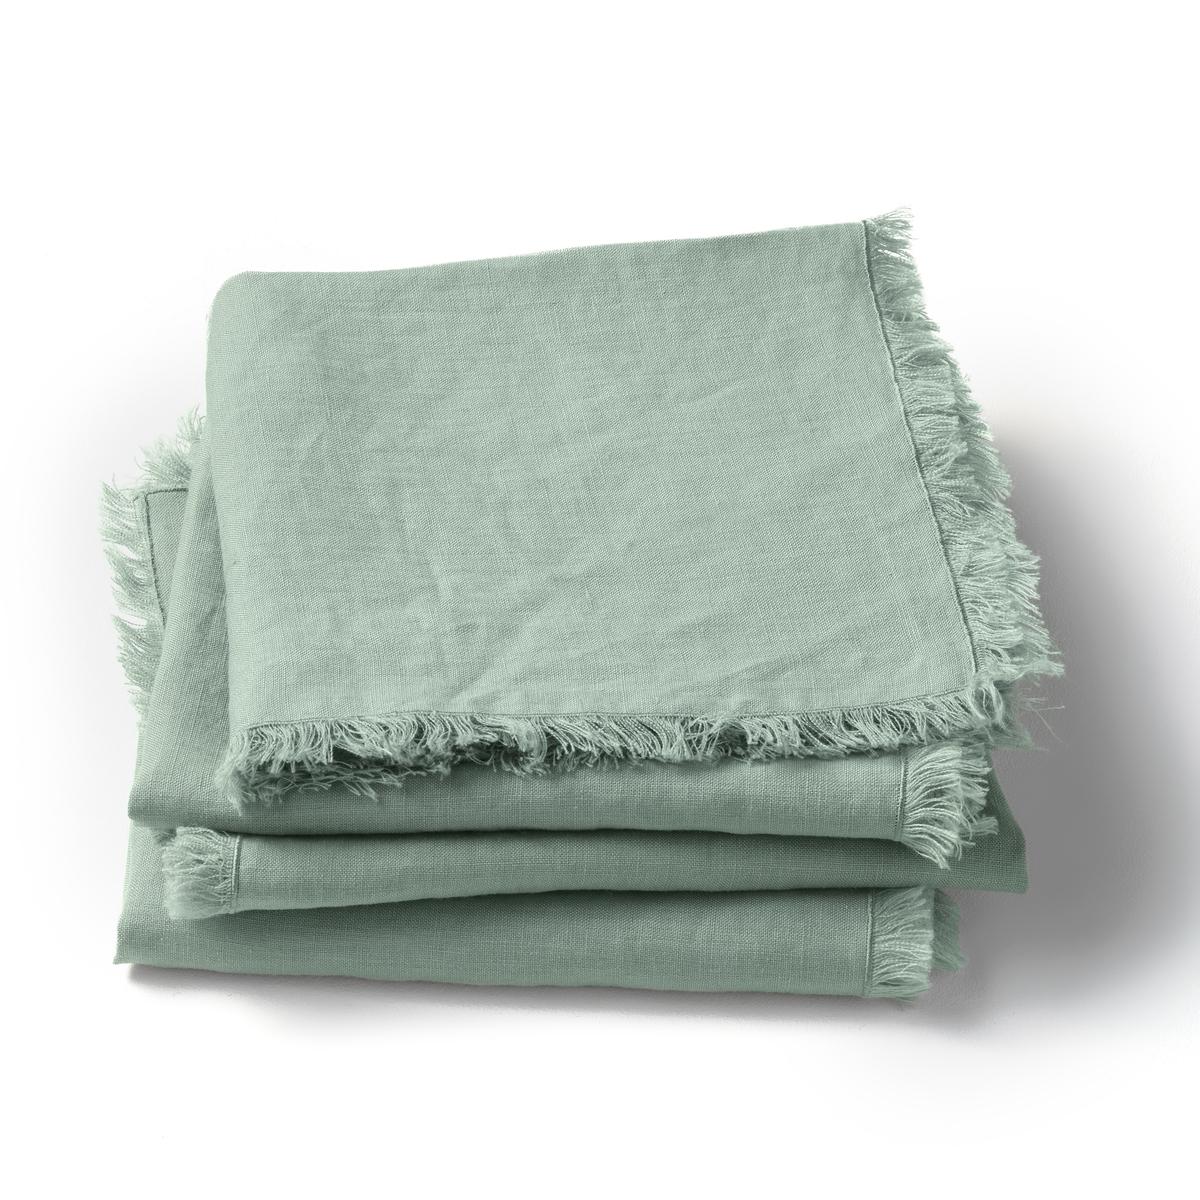 4 столовых салфетки из стиранного льна, Yastigi4 столовых салфетки Yastigi . Они сочетают натуральную мягкость стиранного льна и изысканность отделки бахромой .Материал :- 100% стираный лен Отделка :- Бахрома с 4 сторон .Размеры :- 40 x 40 см<br><br>Цвет: белый,бледно-розовый,зеленый шалфей,серо-бежевый,серый<br>Размер: комплект из 4